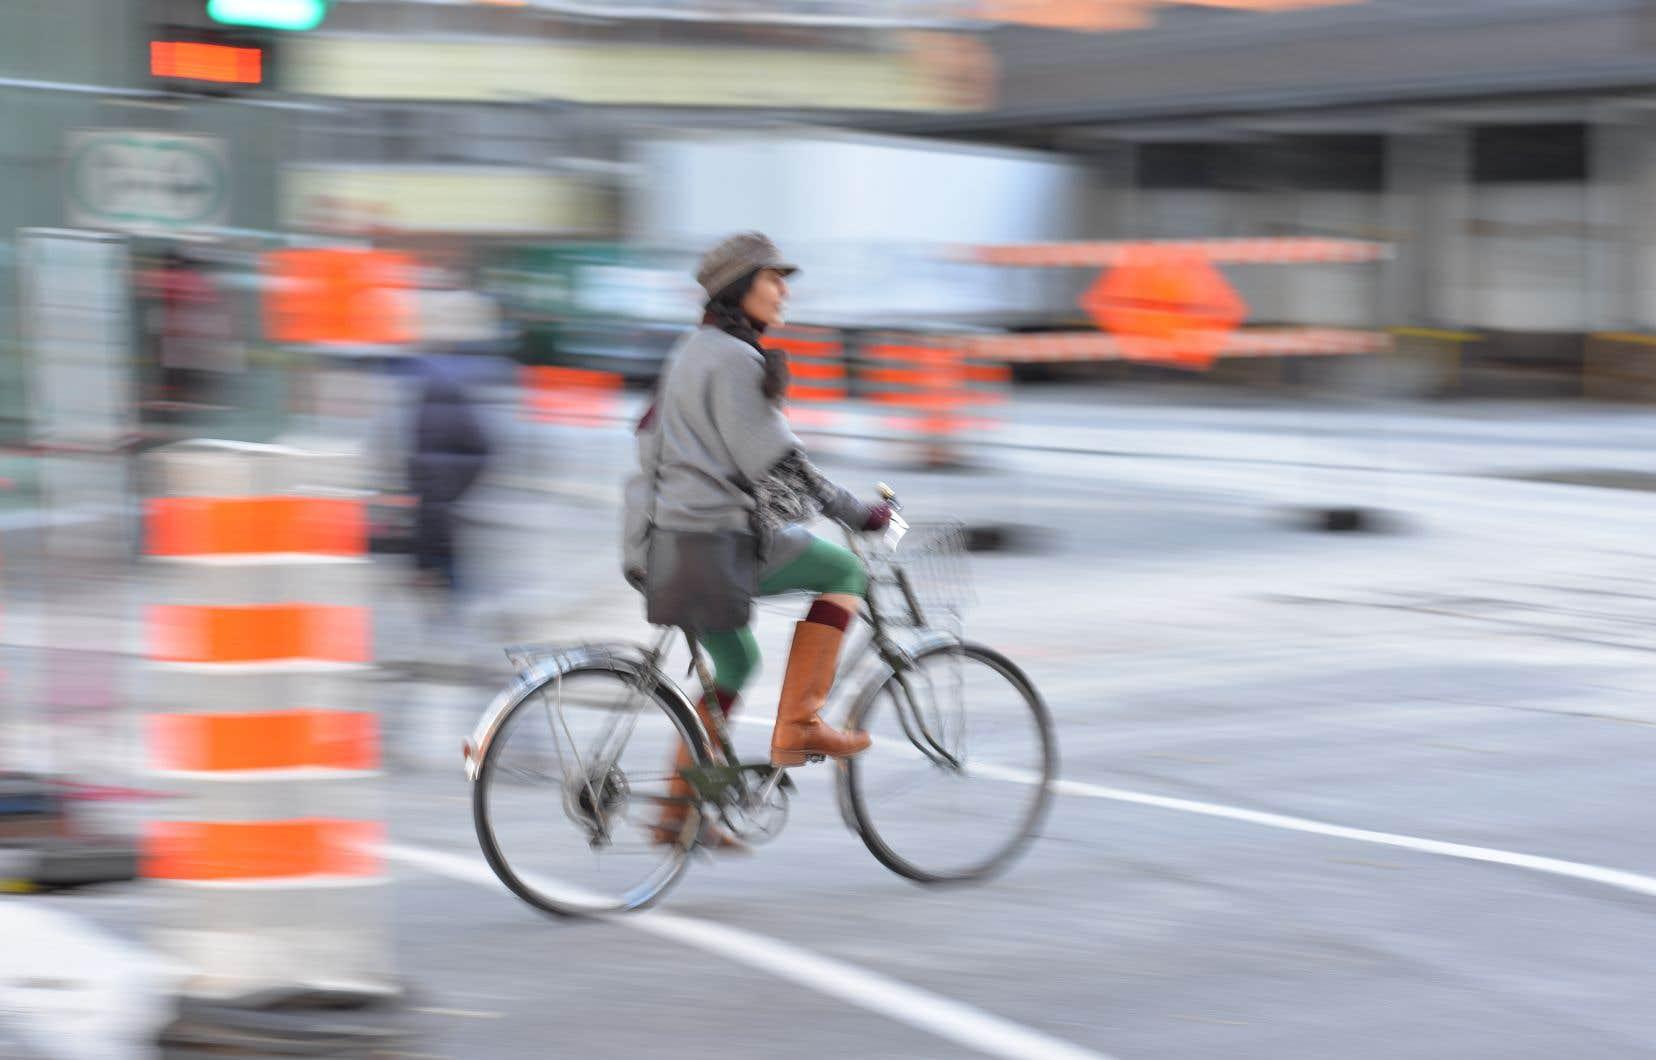 Projet Montréal milite depuis longtemps pour sécuriser l'avenue des Pins, jugée dangereuse par le milieu cycliste.